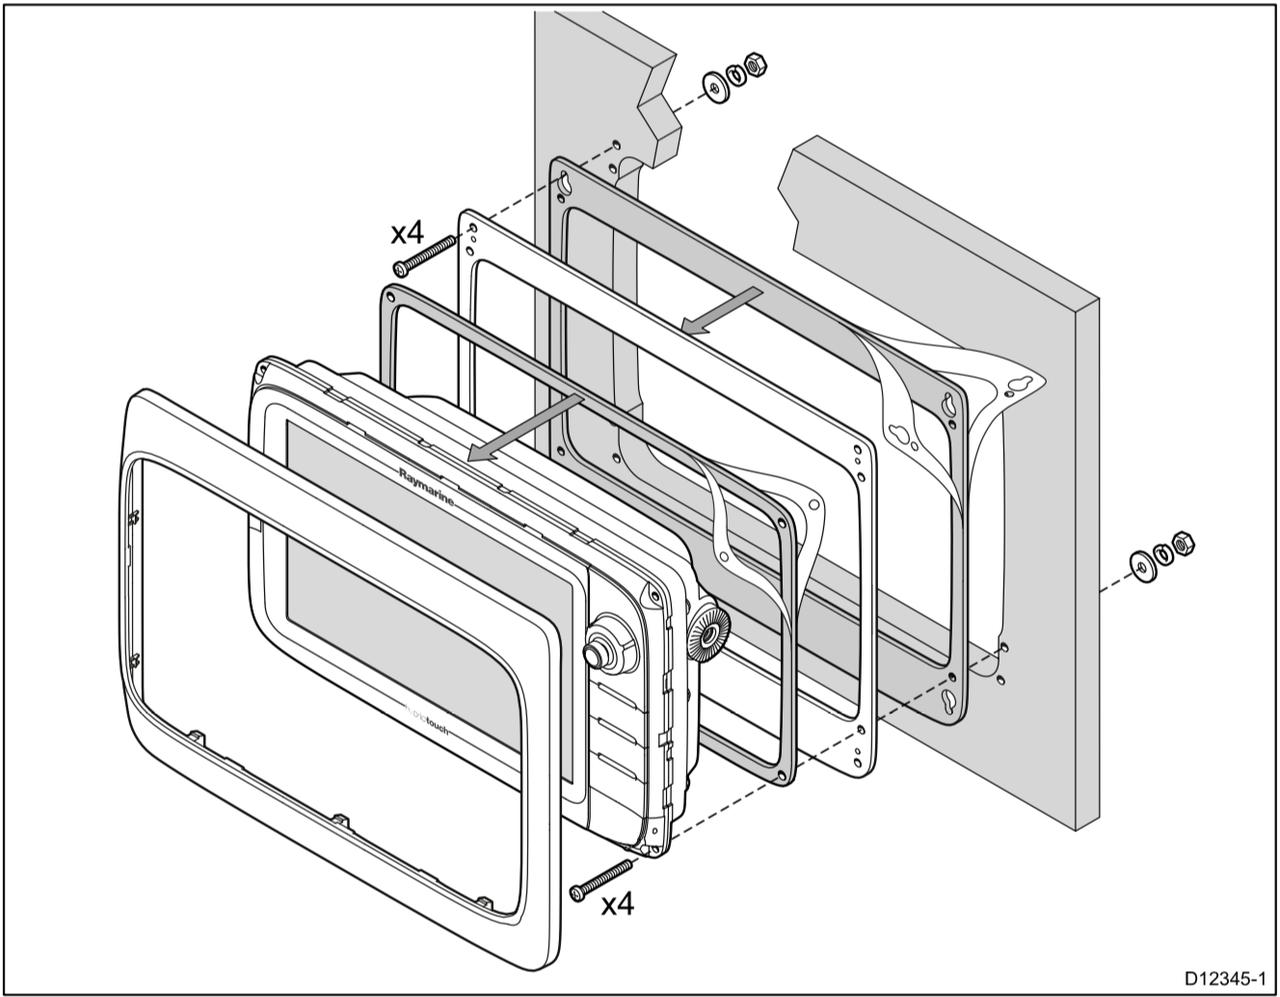 1996 Kawasaki Bayou 300 Parts Diagram Wiring Schematic Electrical 1994 220 Wire 840267 Drill Find U2022 Freightliner Schematics